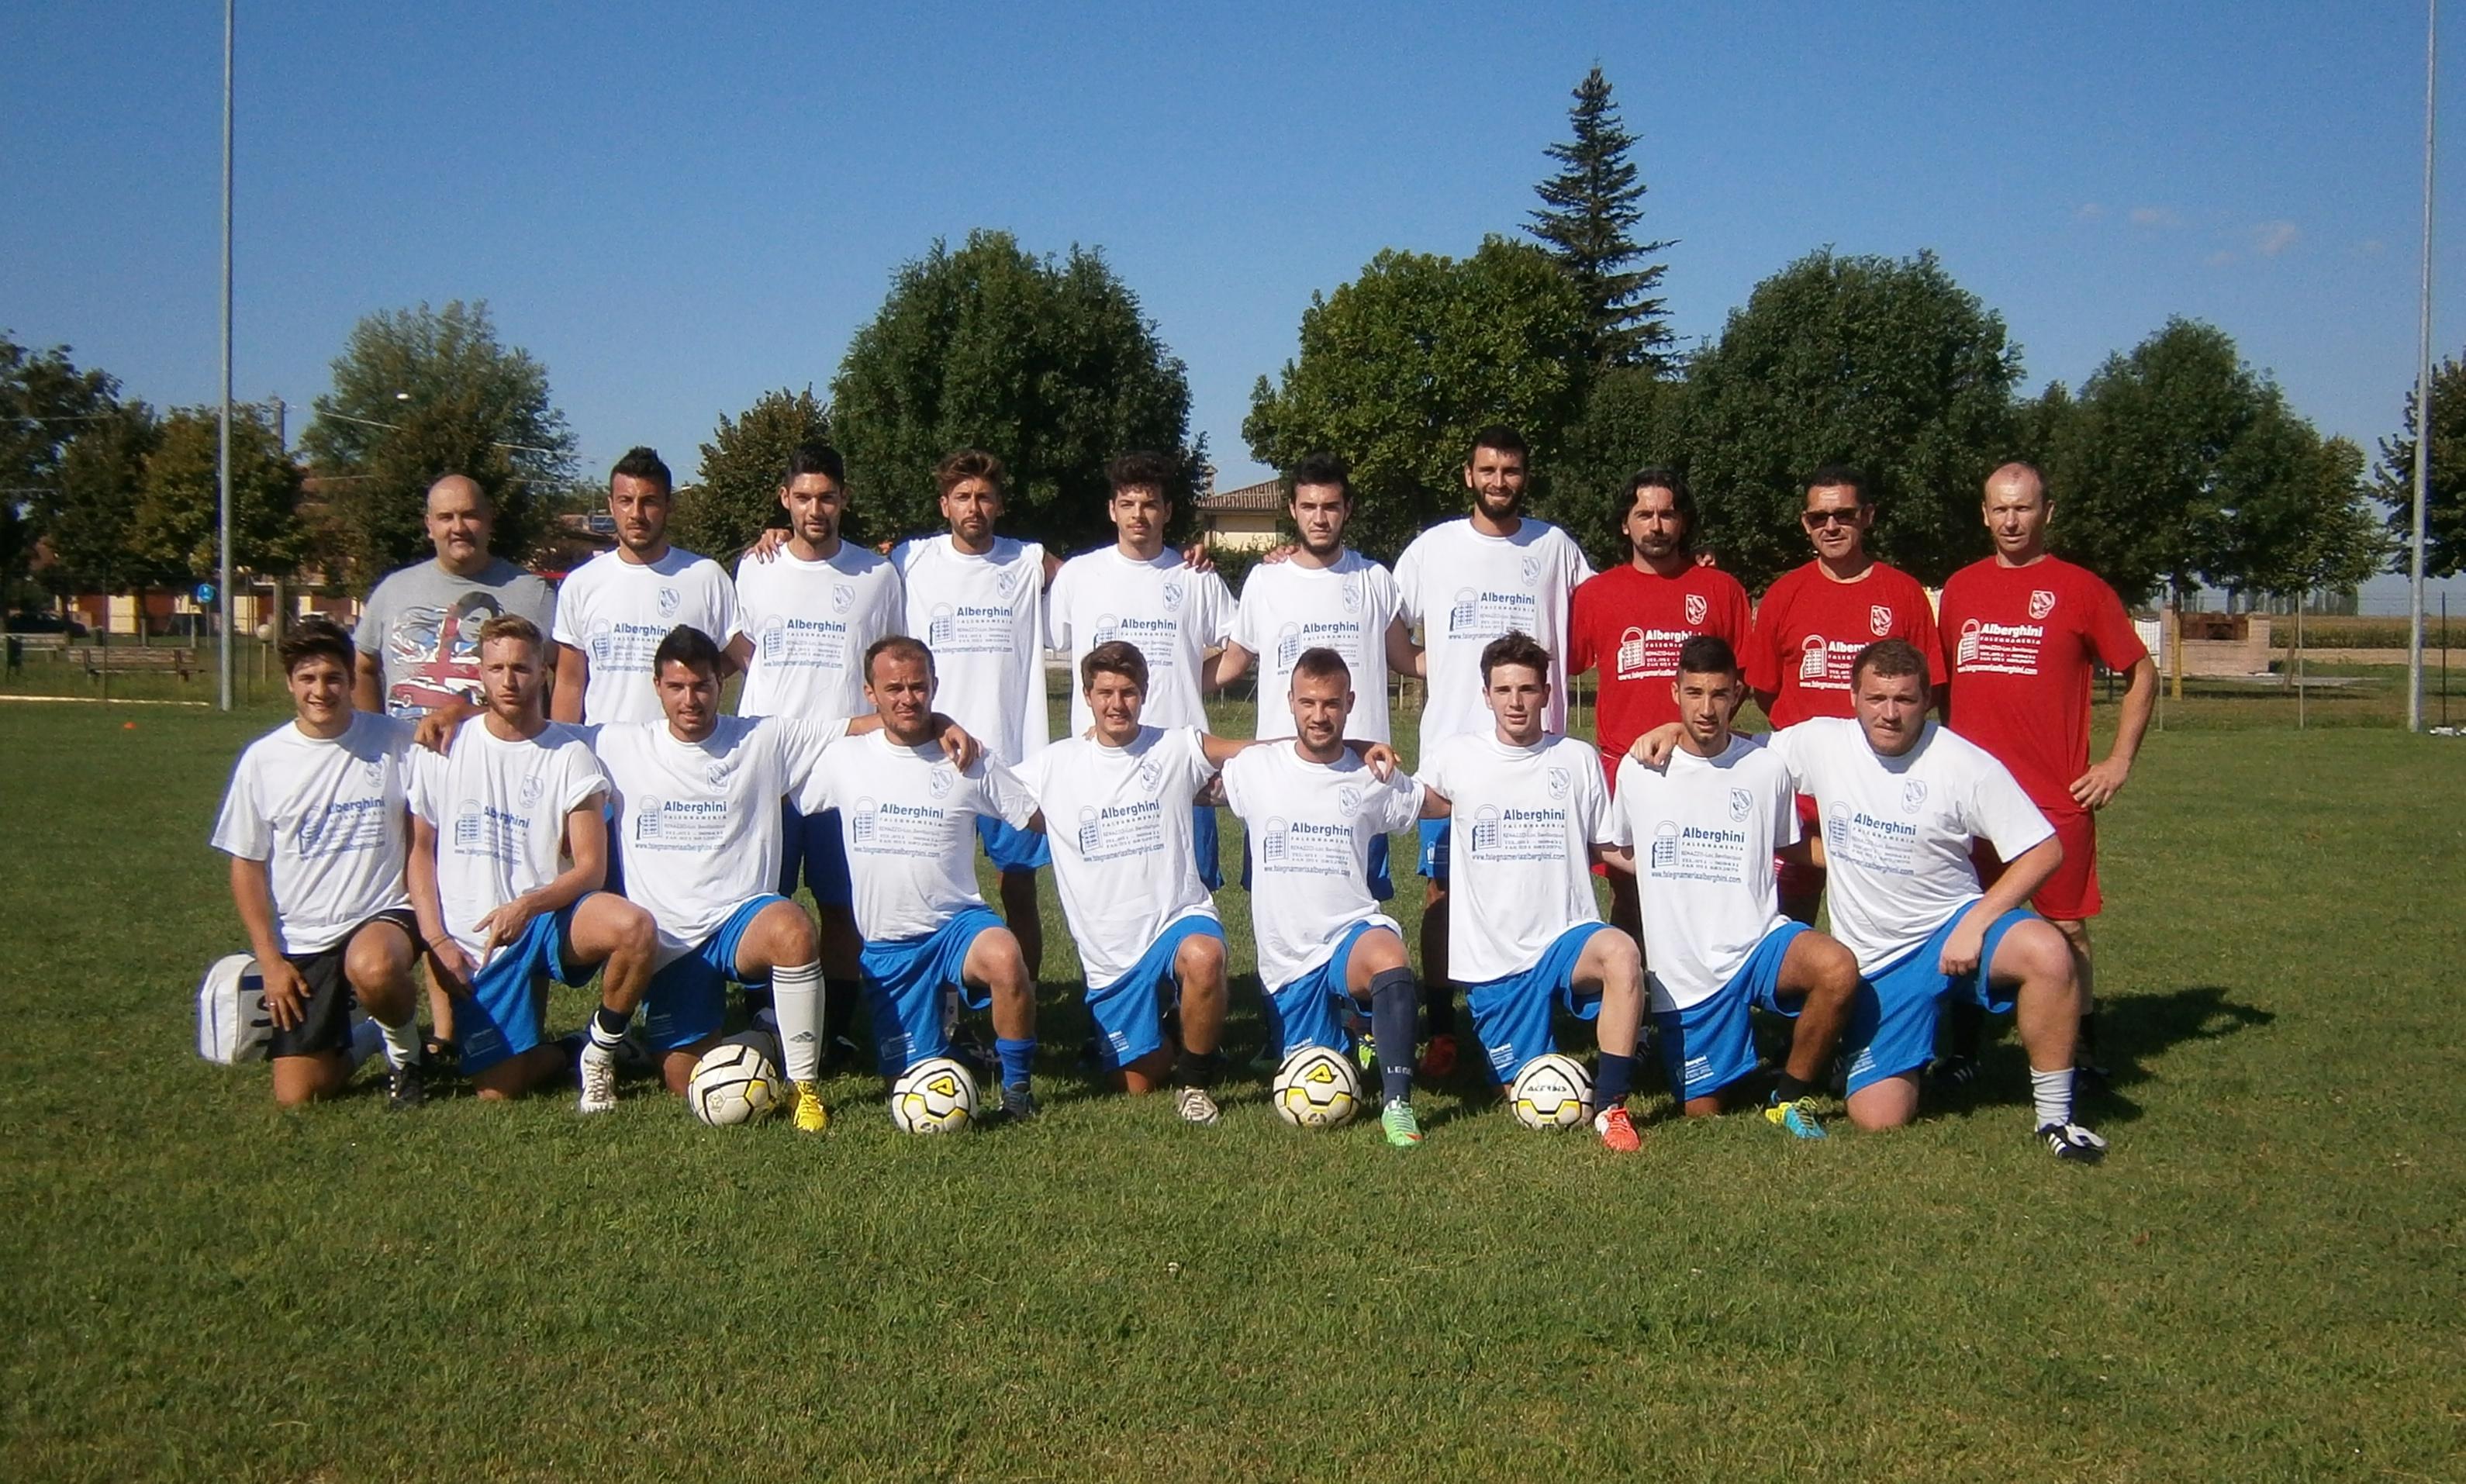 Bevilacquese Calcio vicina al passaggio del Turno in Coppa Emilia!